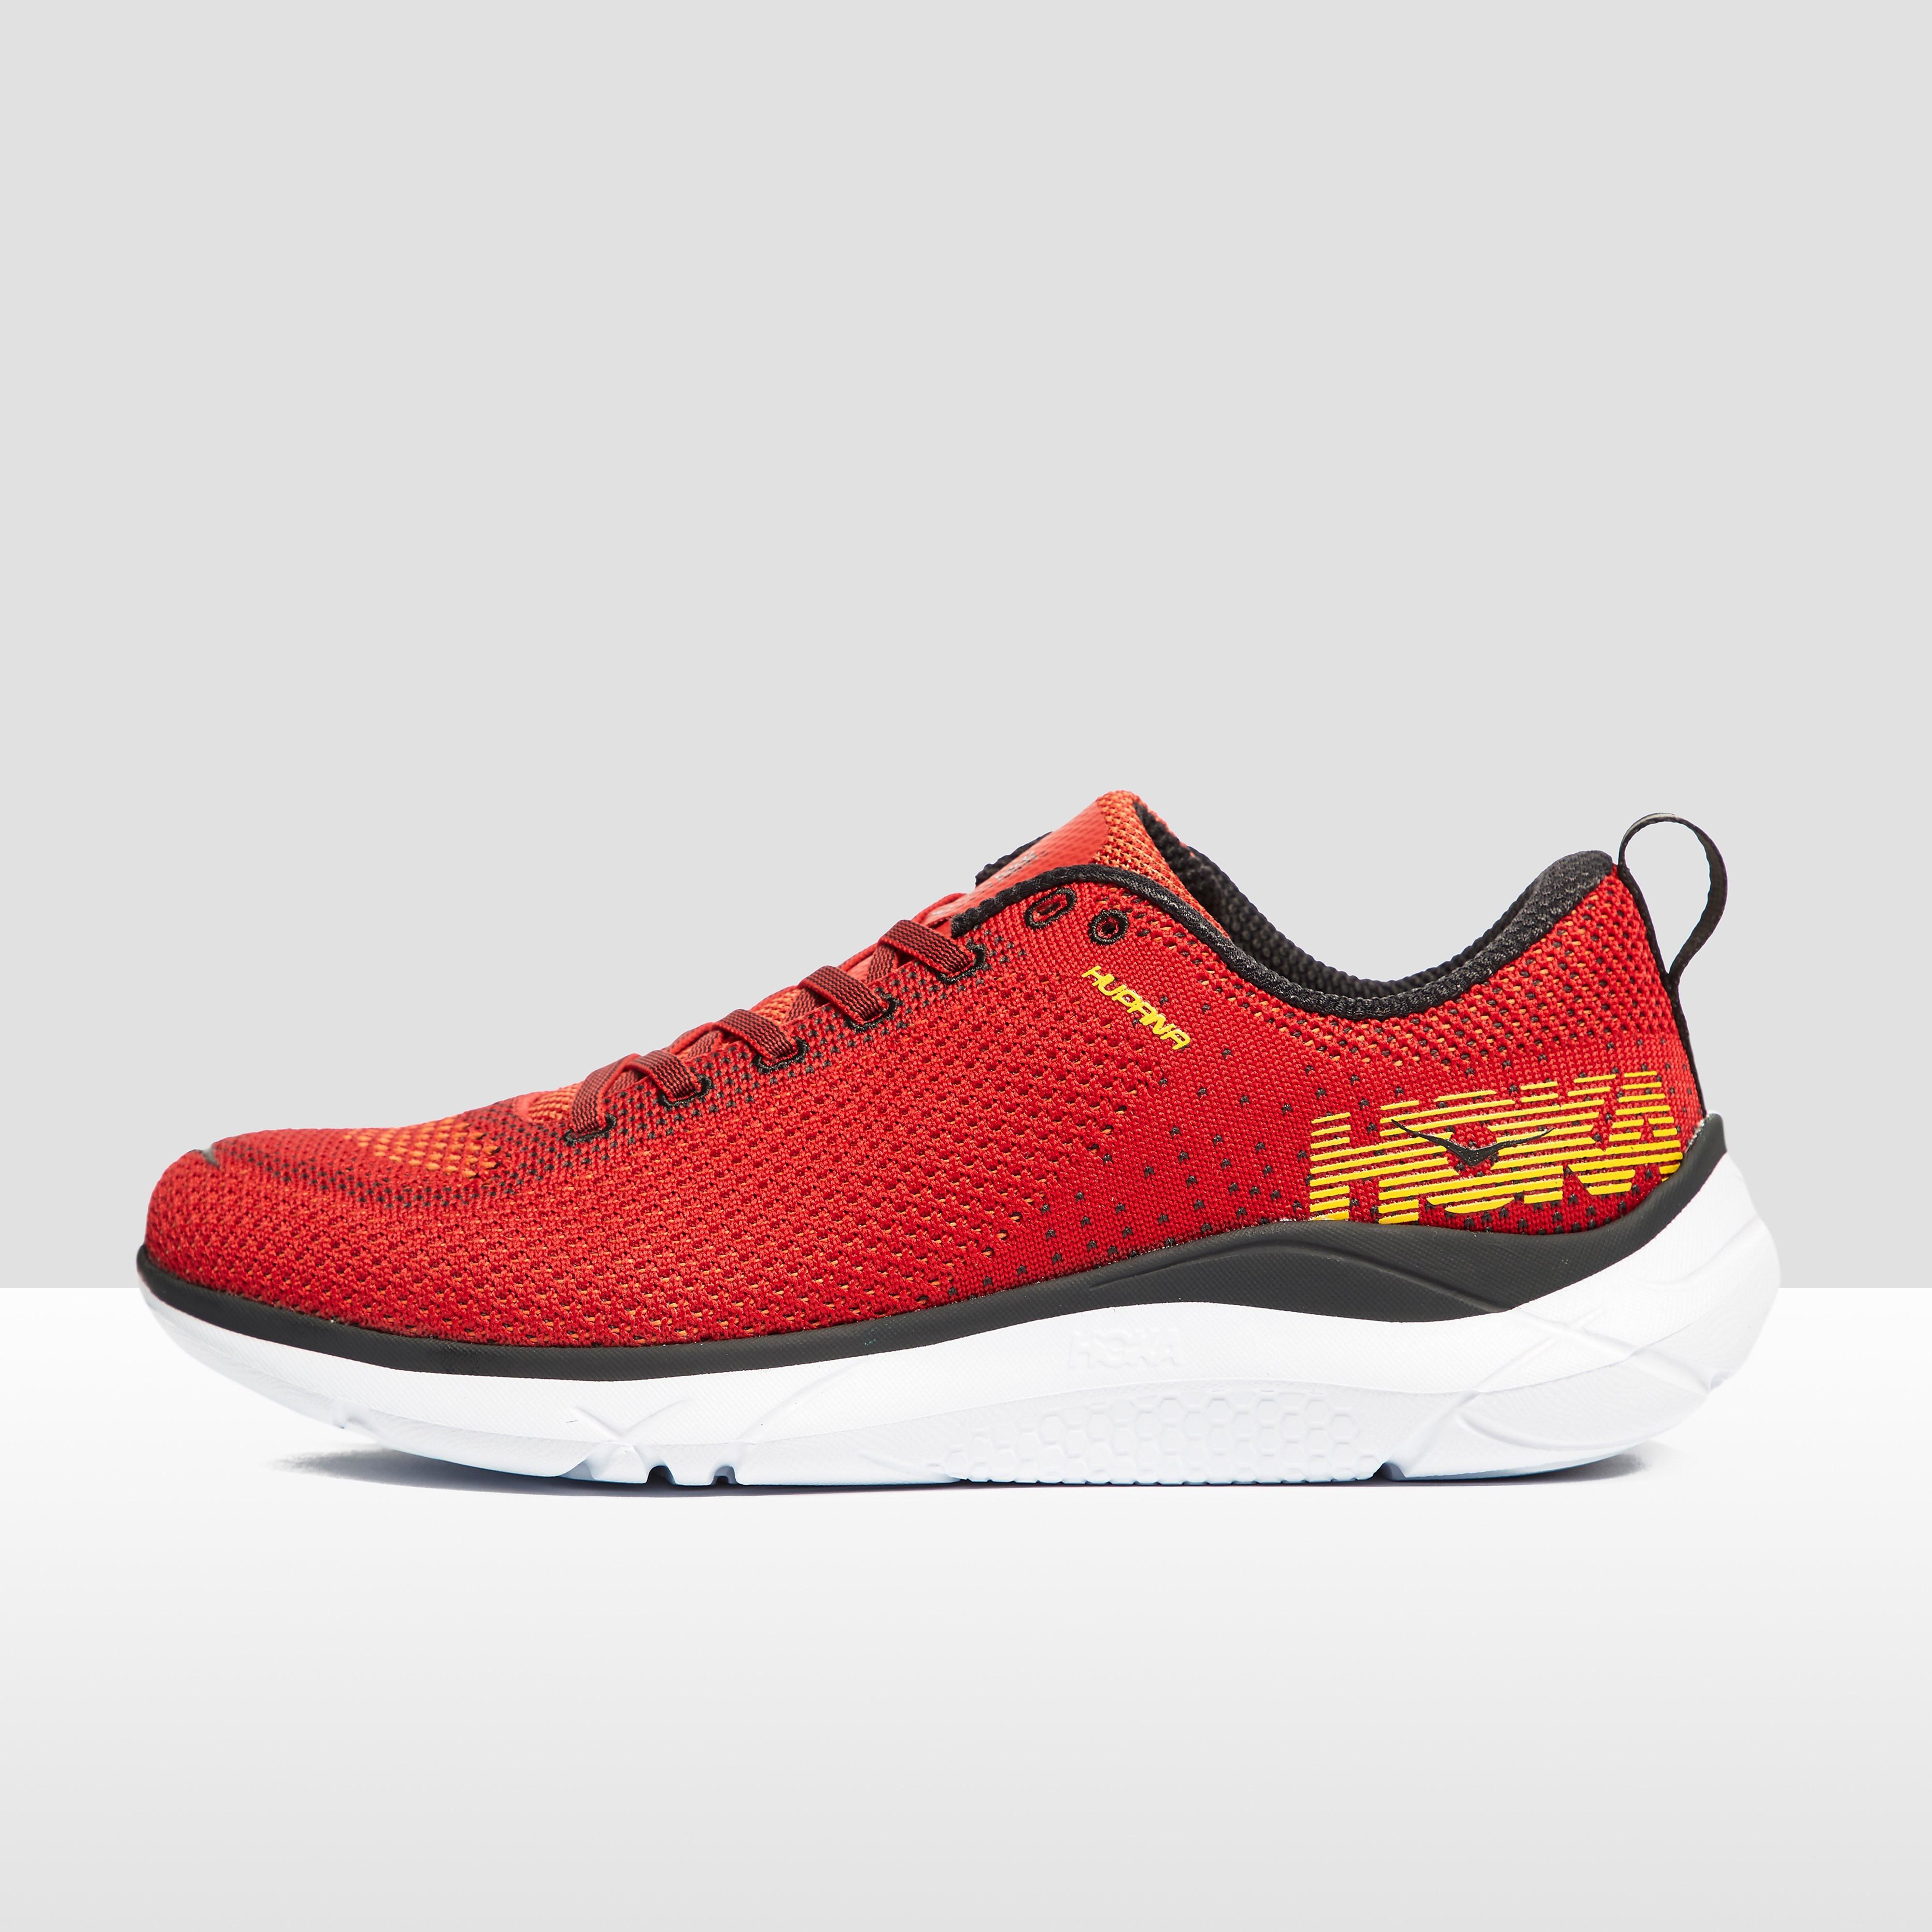 Hoka One One Men's Running Shoe